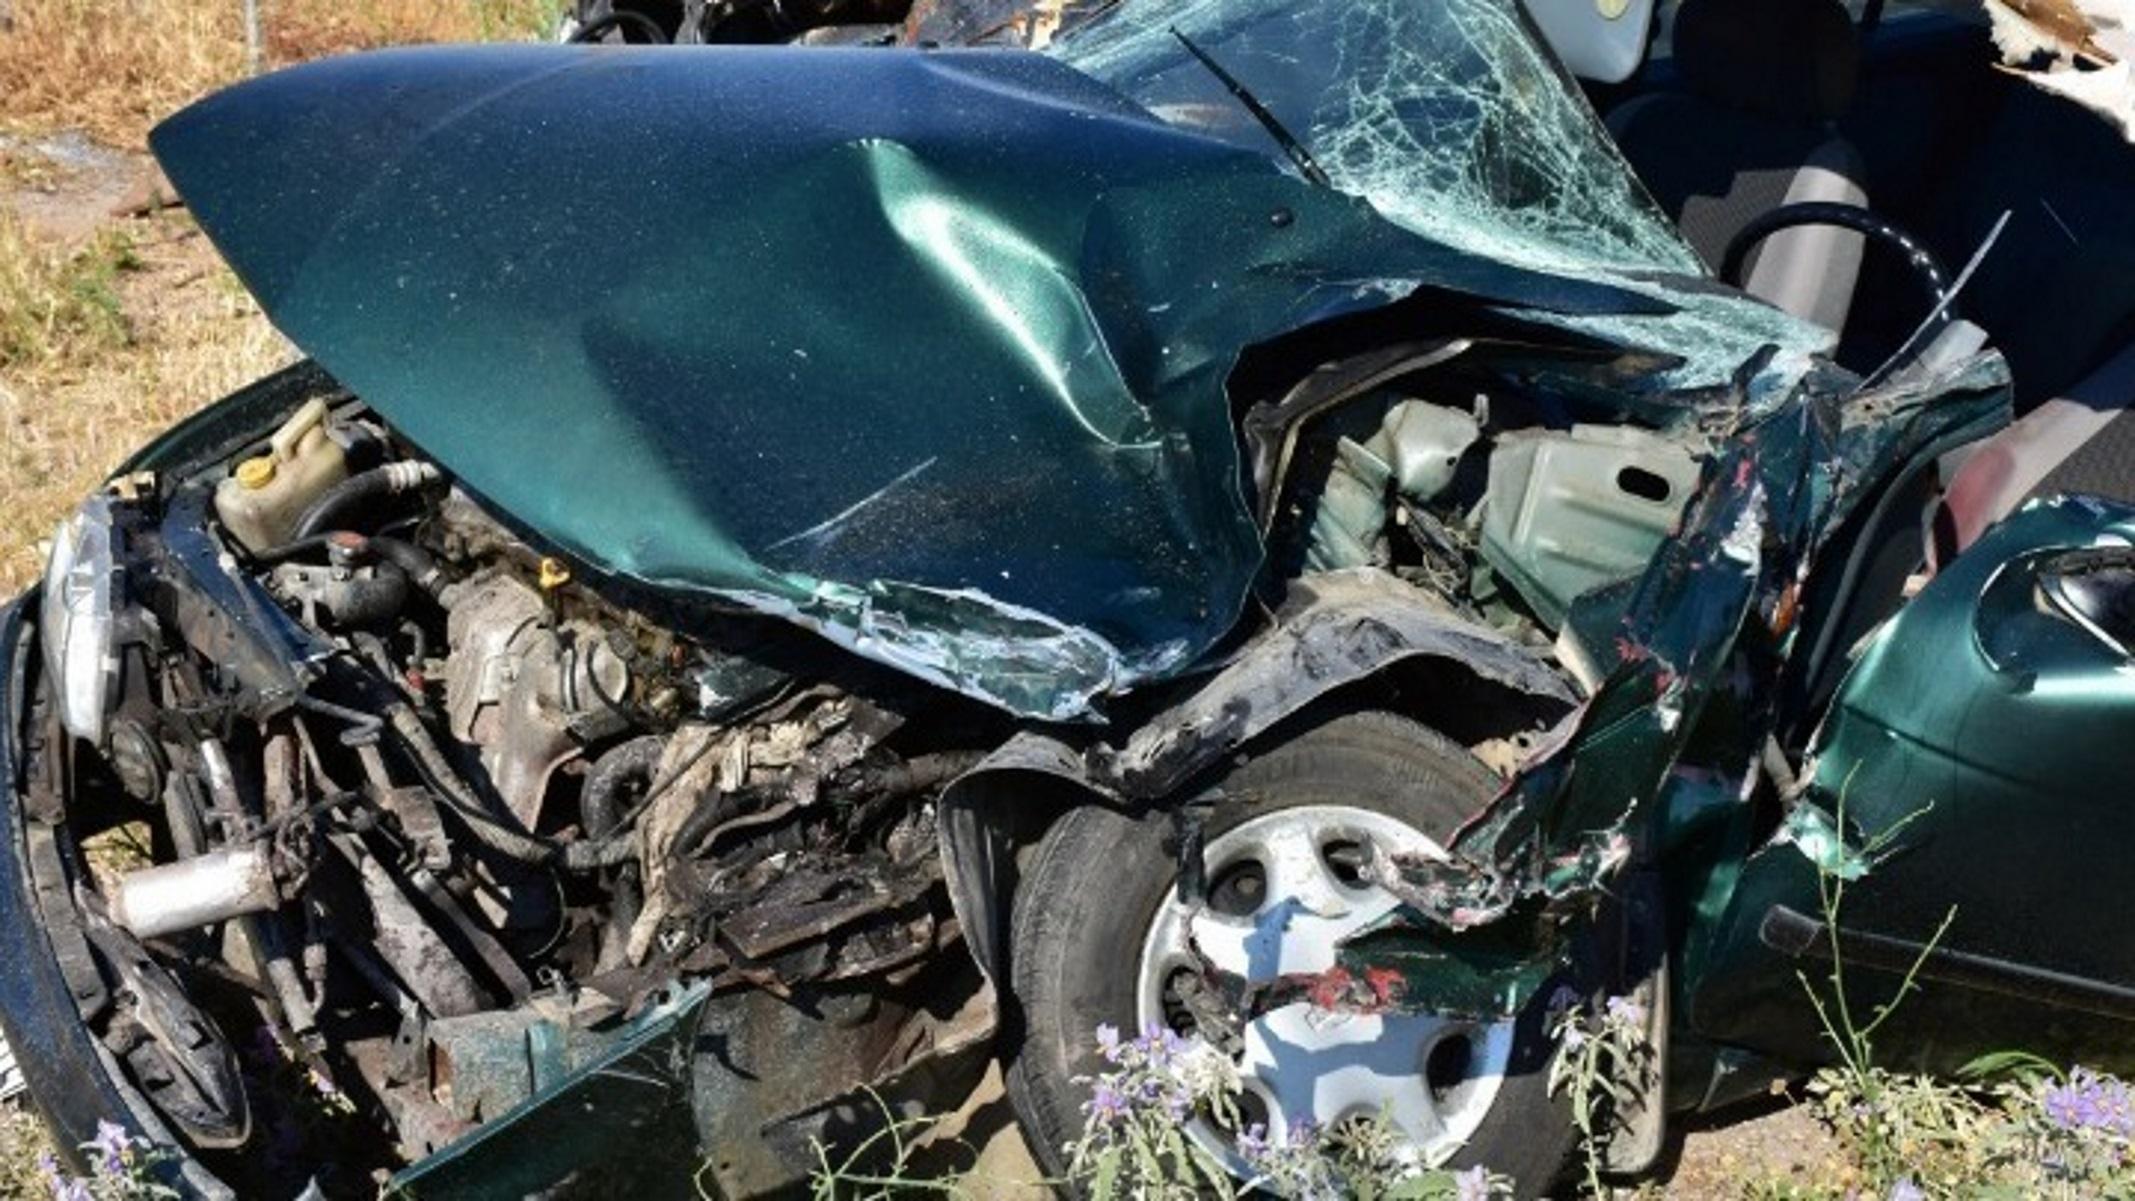 Ηράκλειο: Τροχαίο με 4 τραυματίες – Μία γυναίκα σε σοβαρή κατάσταση